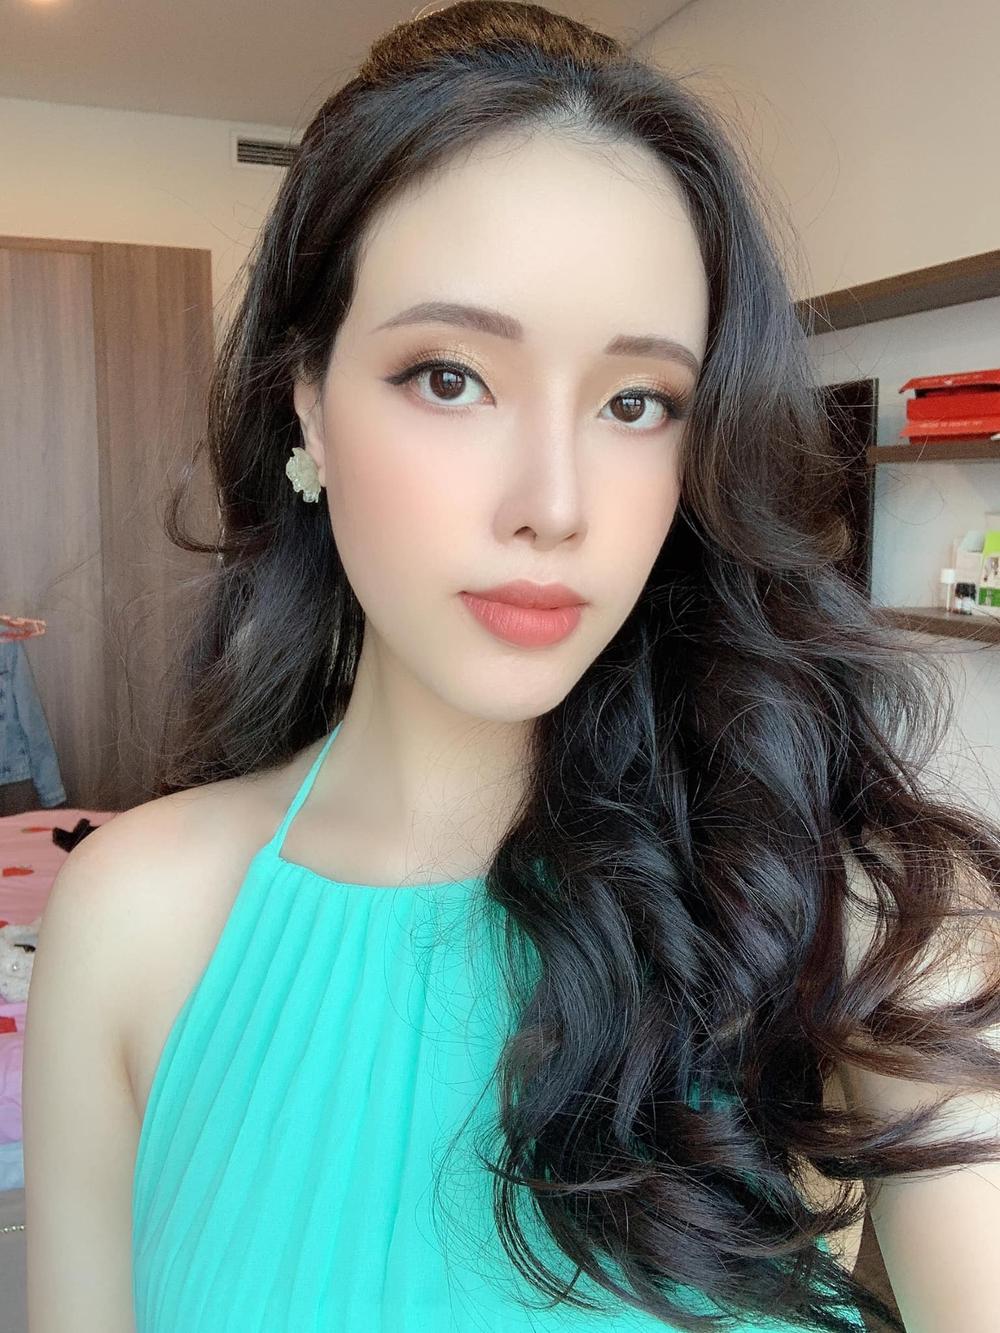 Em gái cao 1m78, xinh như hoa hậu của Mai Phương Thúy - Ảnh 4.